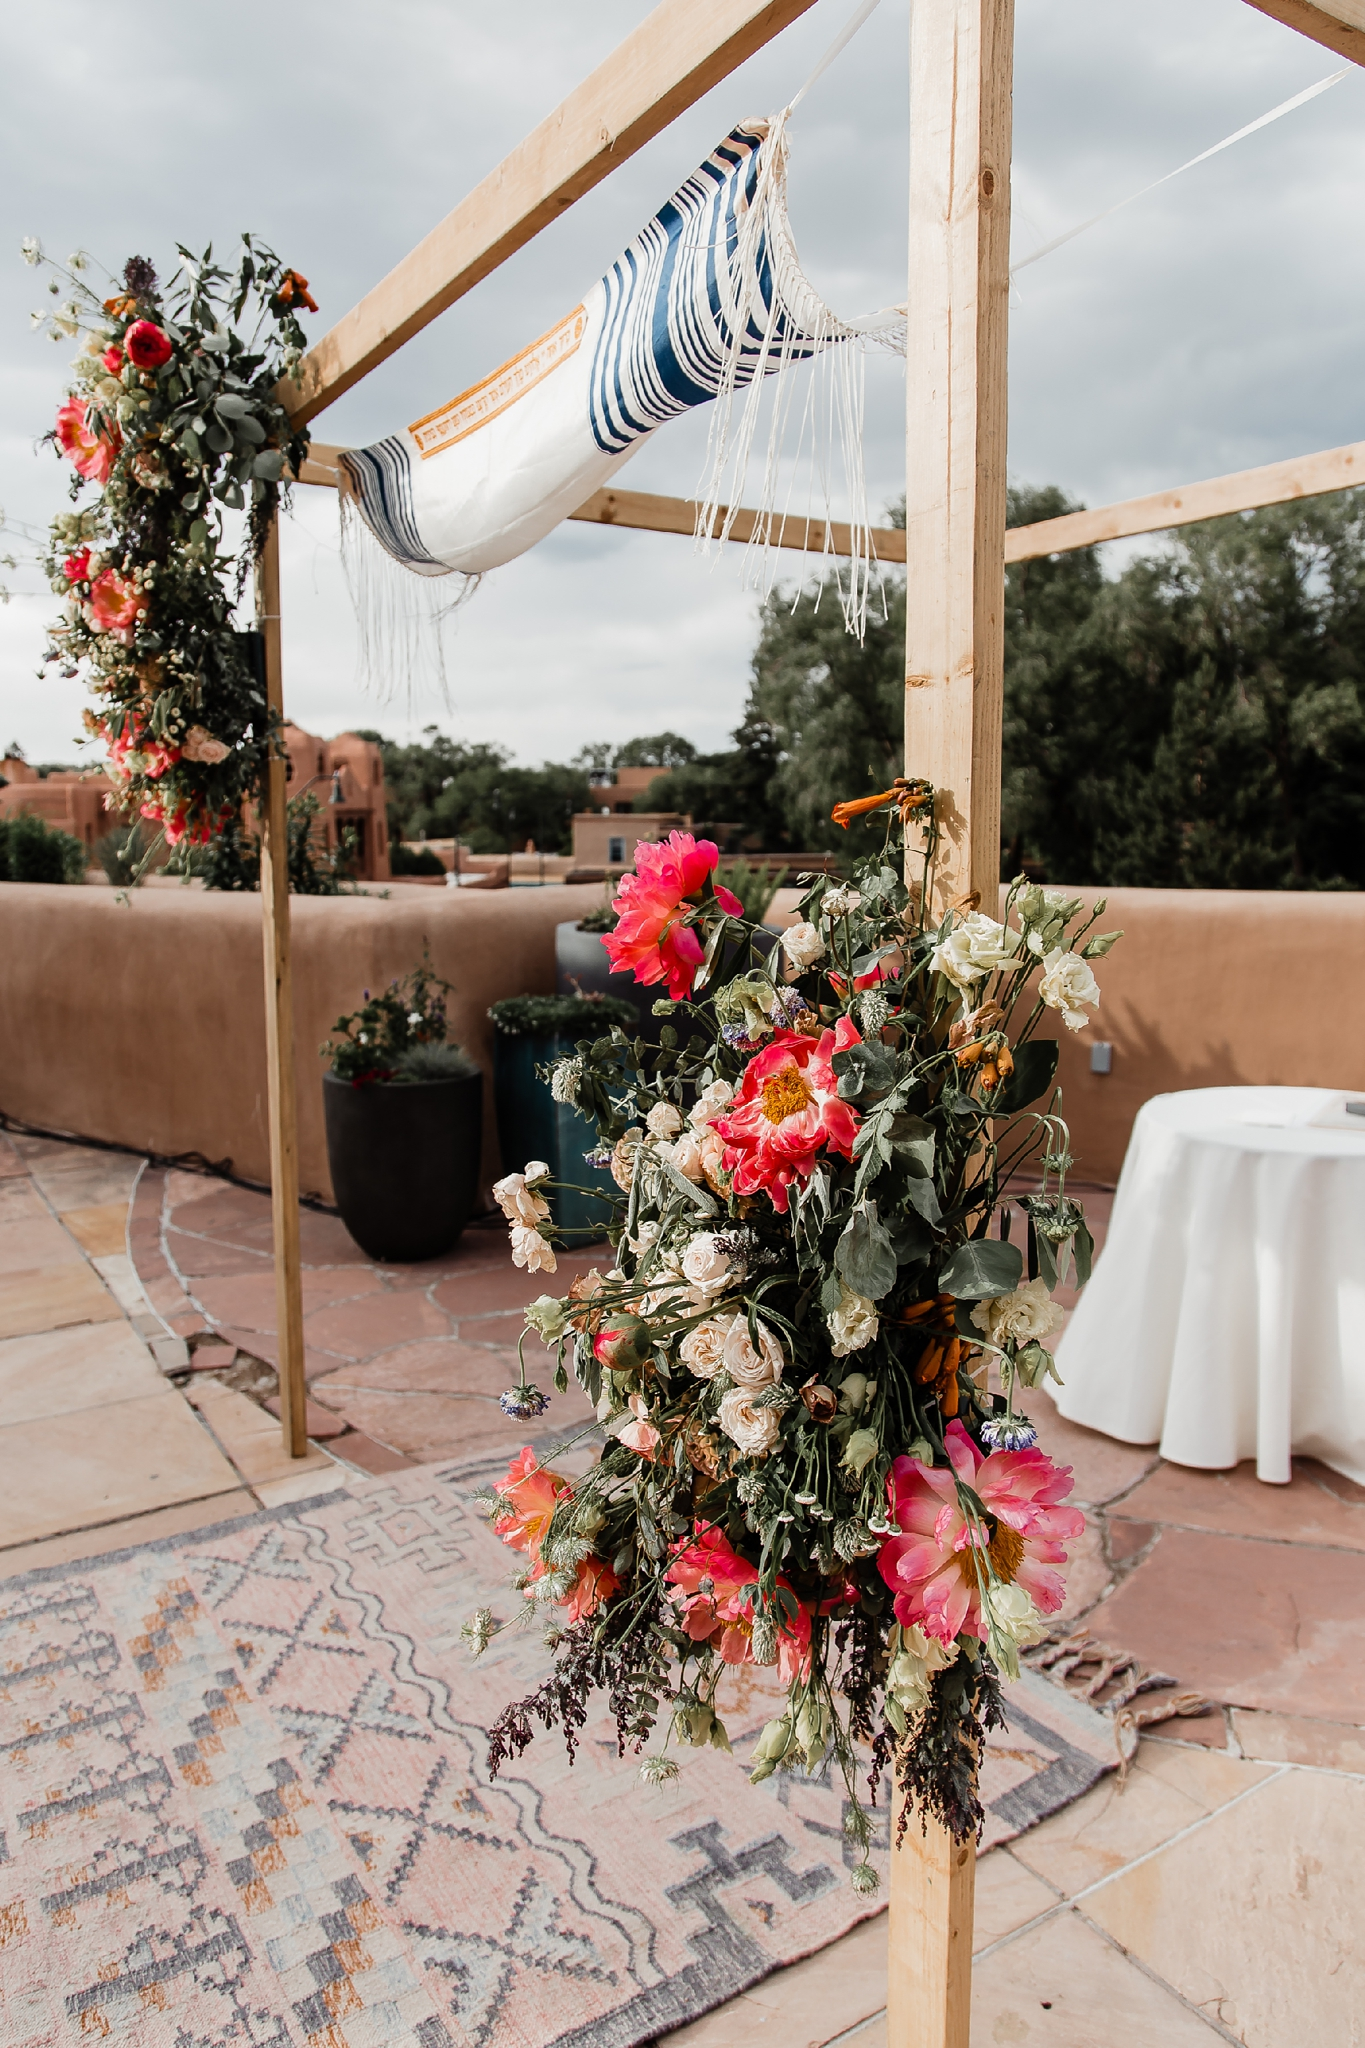 Alicia+lucia+photography+-+albuquerque+wedding+photographer+-+santa+fe+wedding+photography+-+new+mexico+wedding+photographer+-+new+mexico+wedding+-+summer+wedding+-+summer+wedding+florals+-+southwest+wedding_0049.jpg